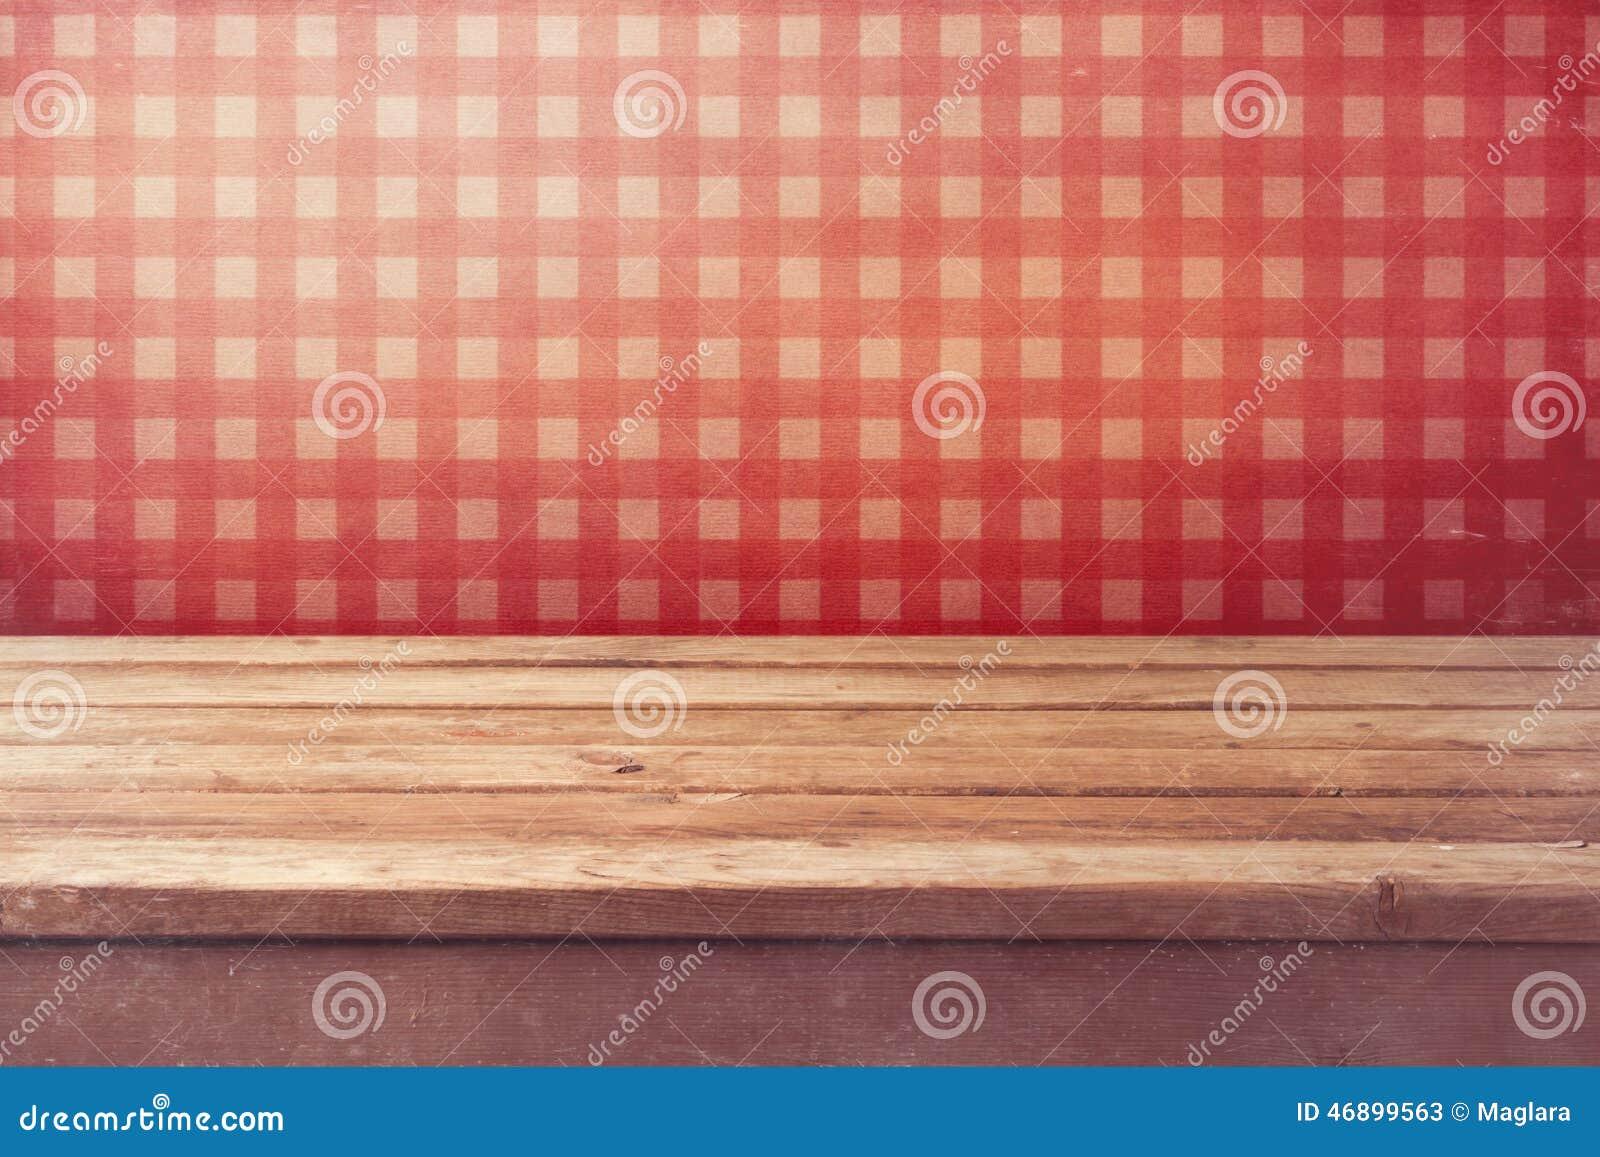 Tabla de madera vacía de la cubierta sobre el papel pintado rojo comprobado Interior de la cocina del vintage